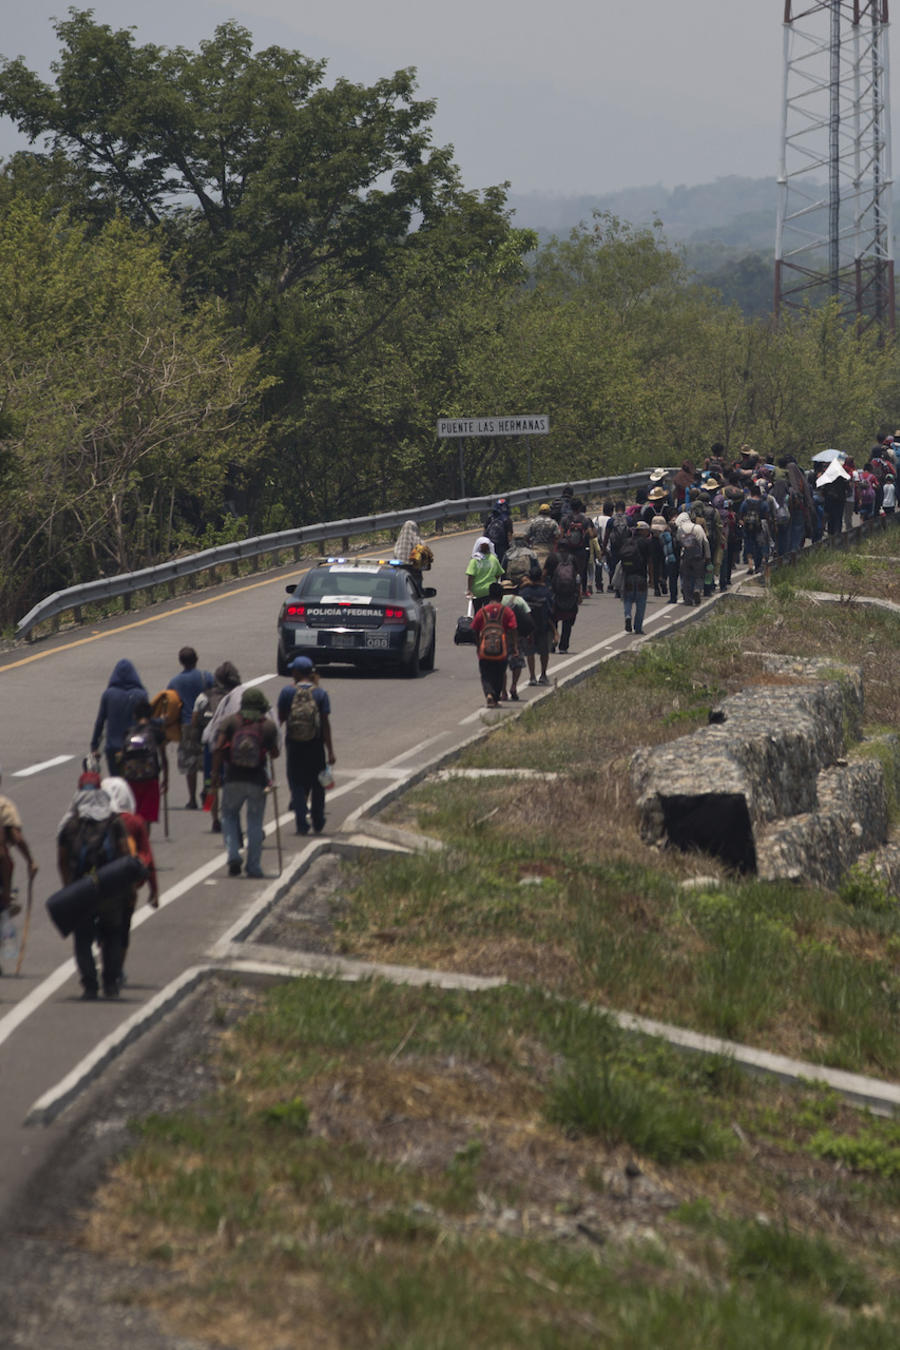 Caravana de migrantes centroamericanos pasando por el estado mexicano de Chiapas en abril de 2019.